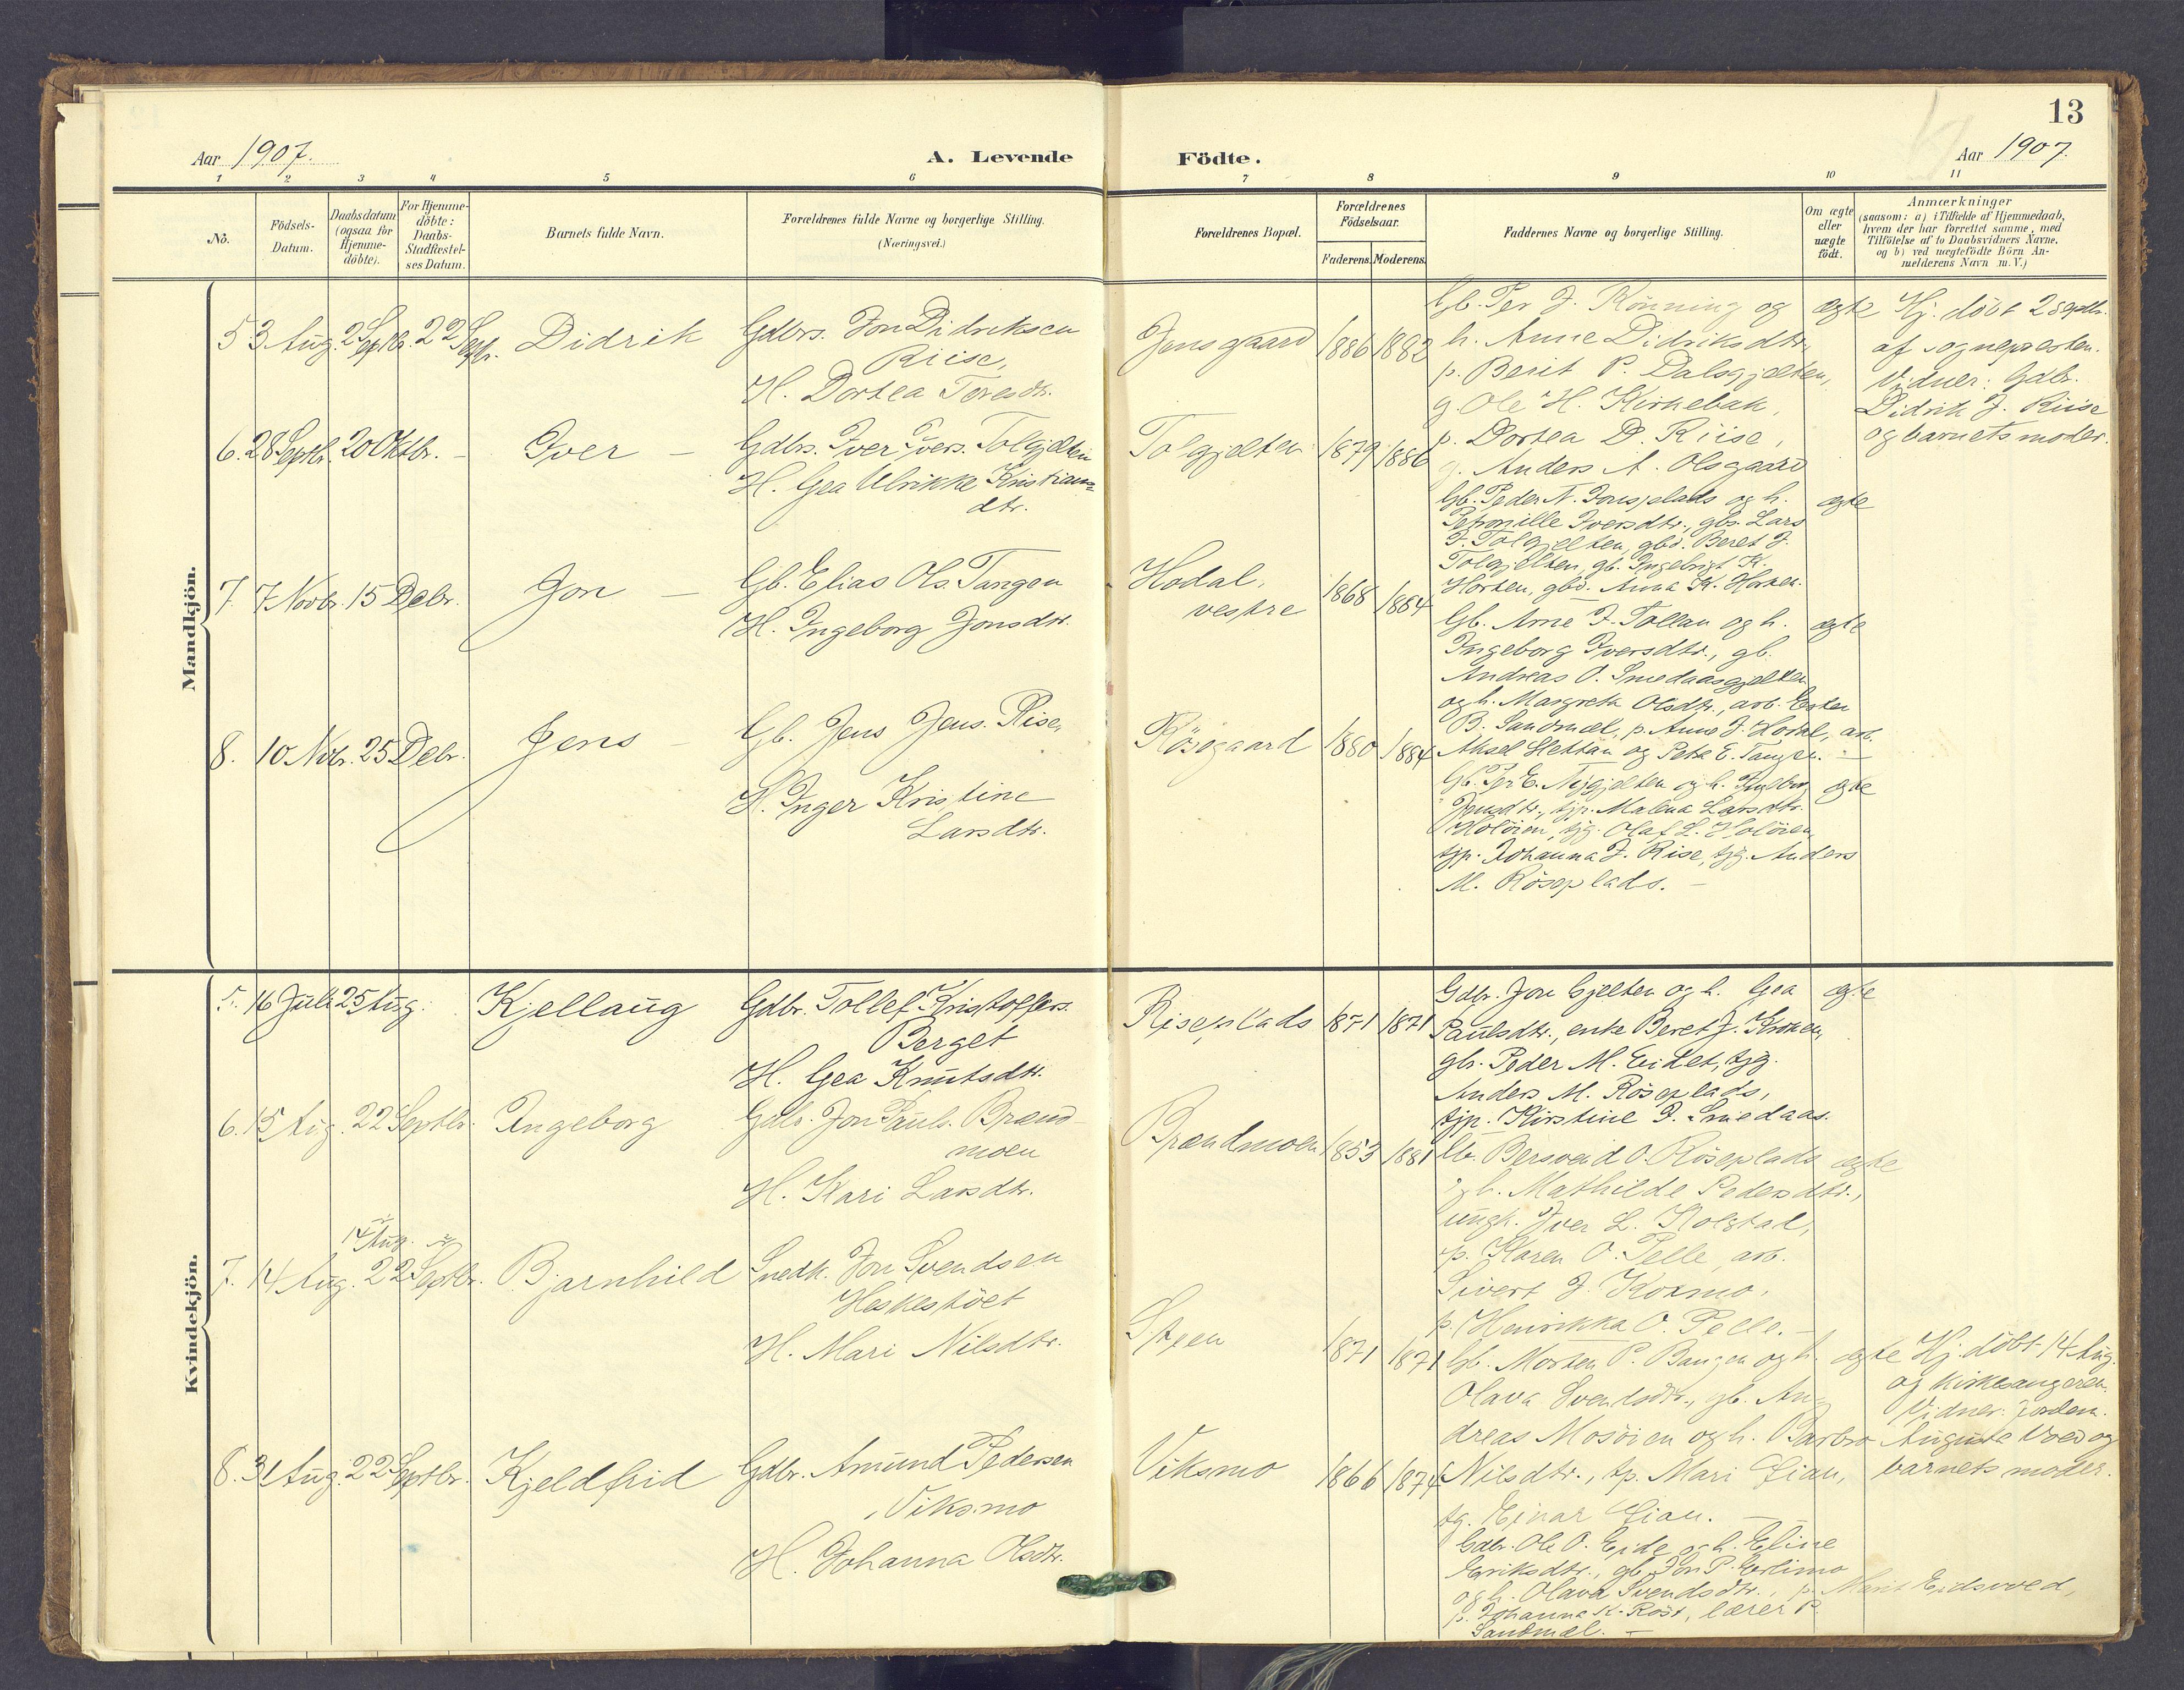 SAH, Tolga prestekontor, K/L0014: Ministerialbok nr. 14, 1903-1929, s. 13